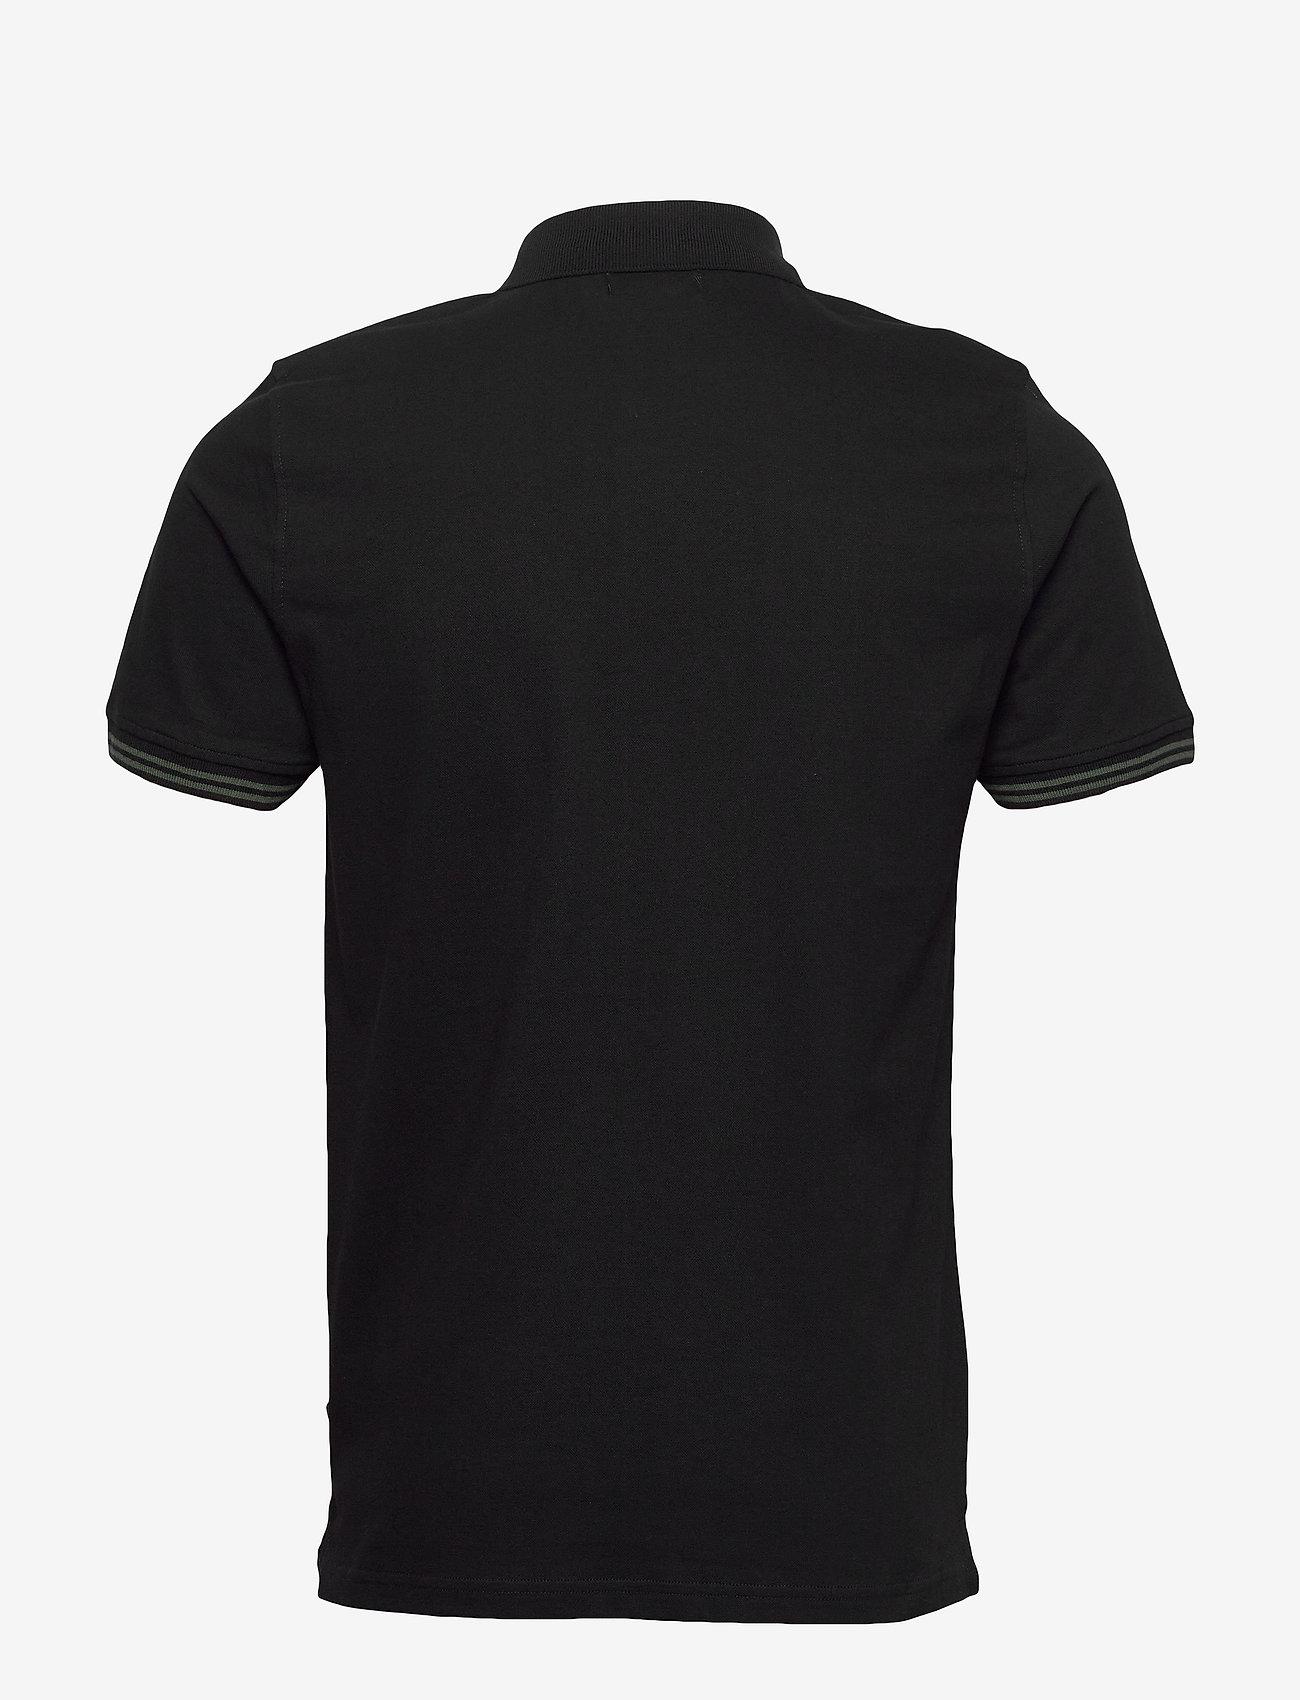 Matinique MApoleo DS - Poloskjorter BLACK - Menn Klær